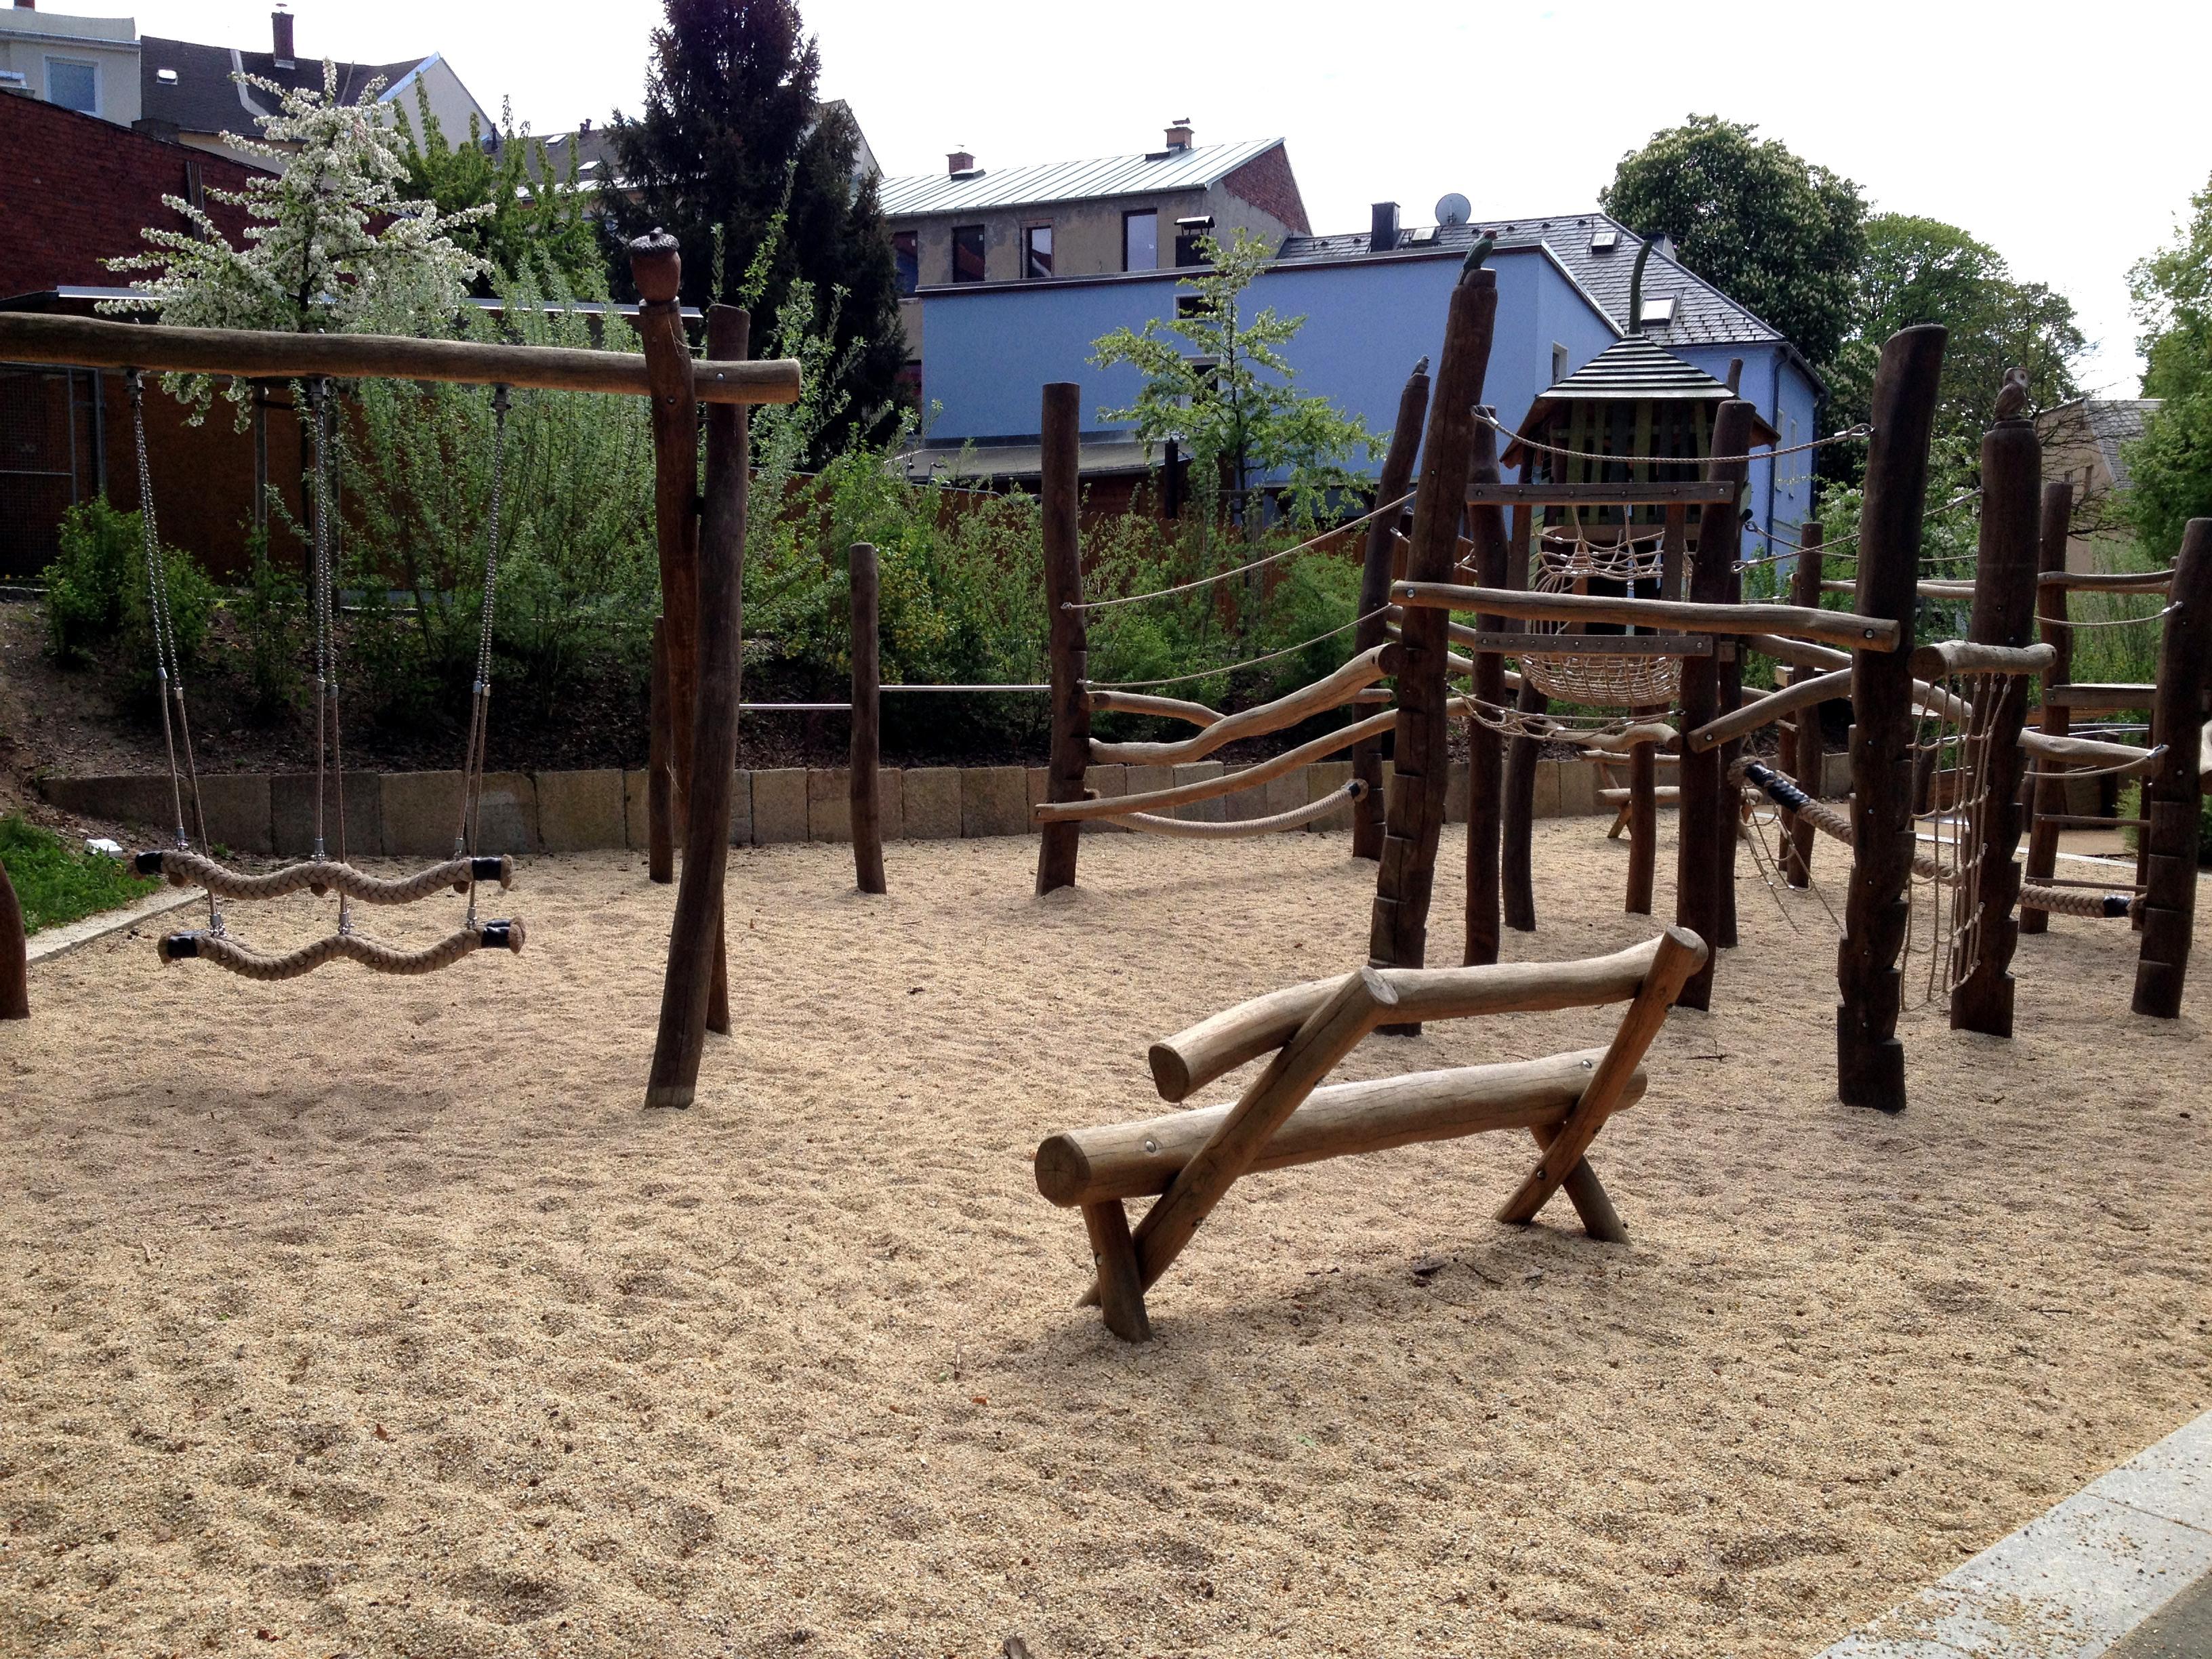 Beliebt Bevorzugt Stadtpark und Spielplatz Auerbach #XO_18